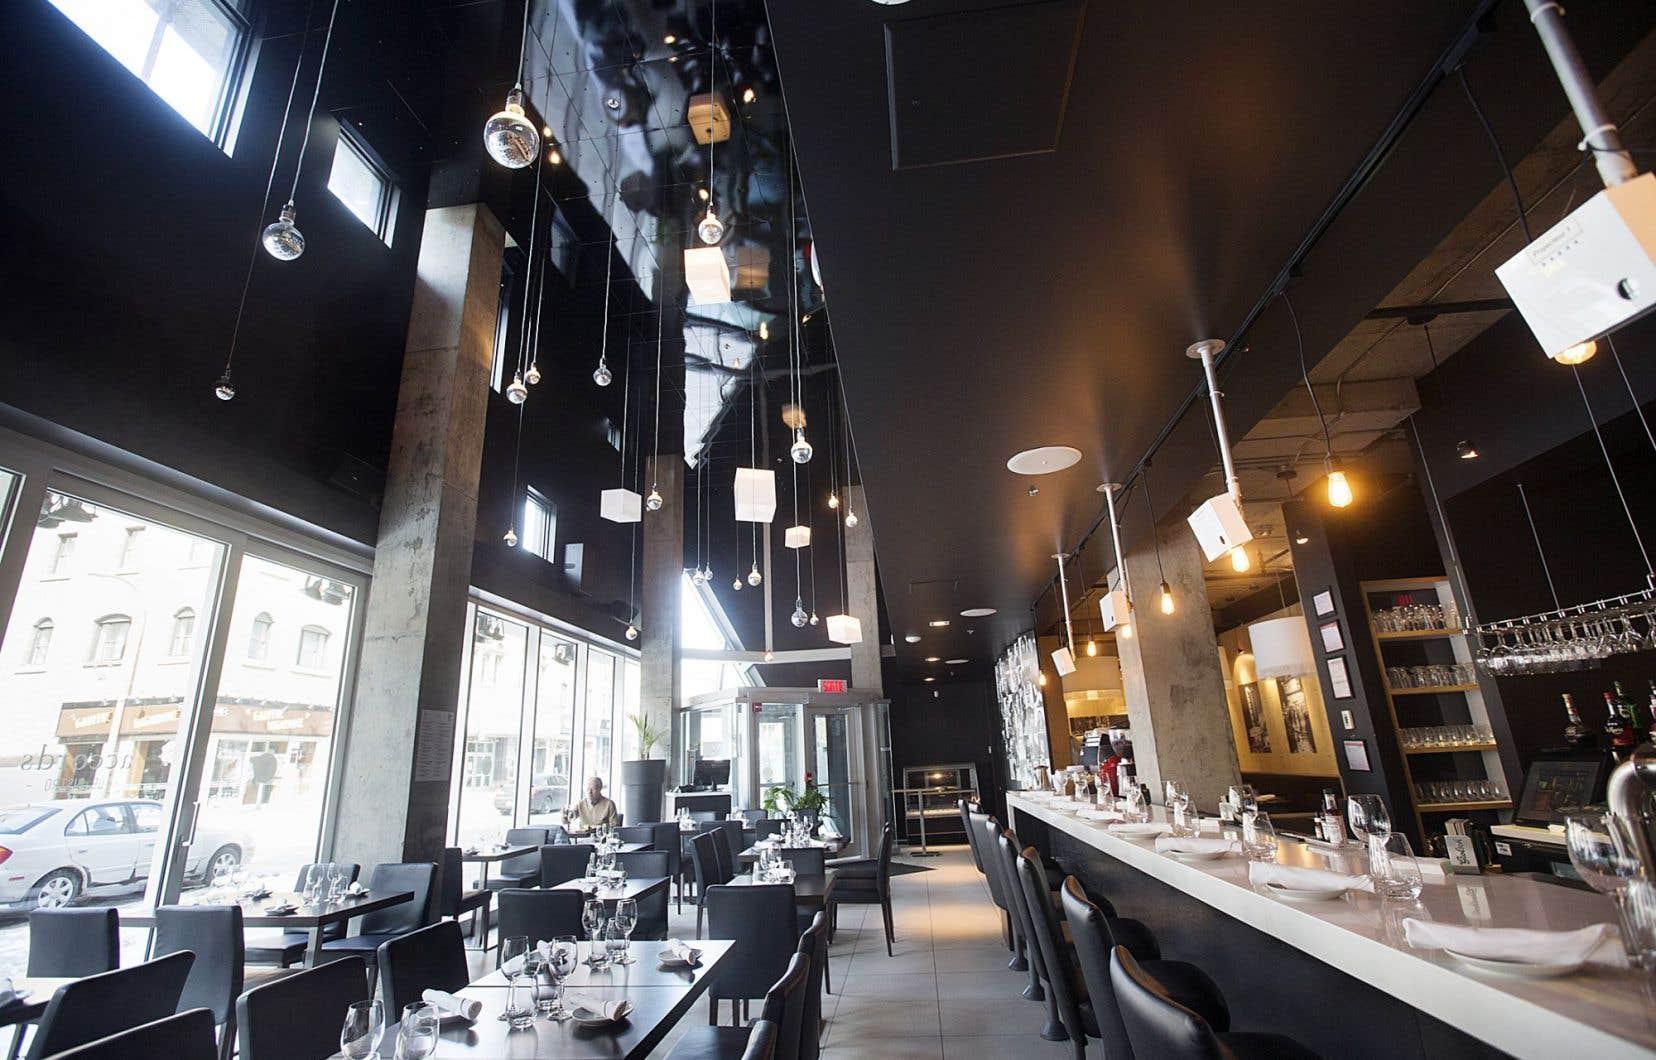 Le restaurant Accords-Le bistro abrite une jolie salle à l'angle sud-est du boulevard Saint-Laurent et de la rue Sainte-Catherine à Montréal.